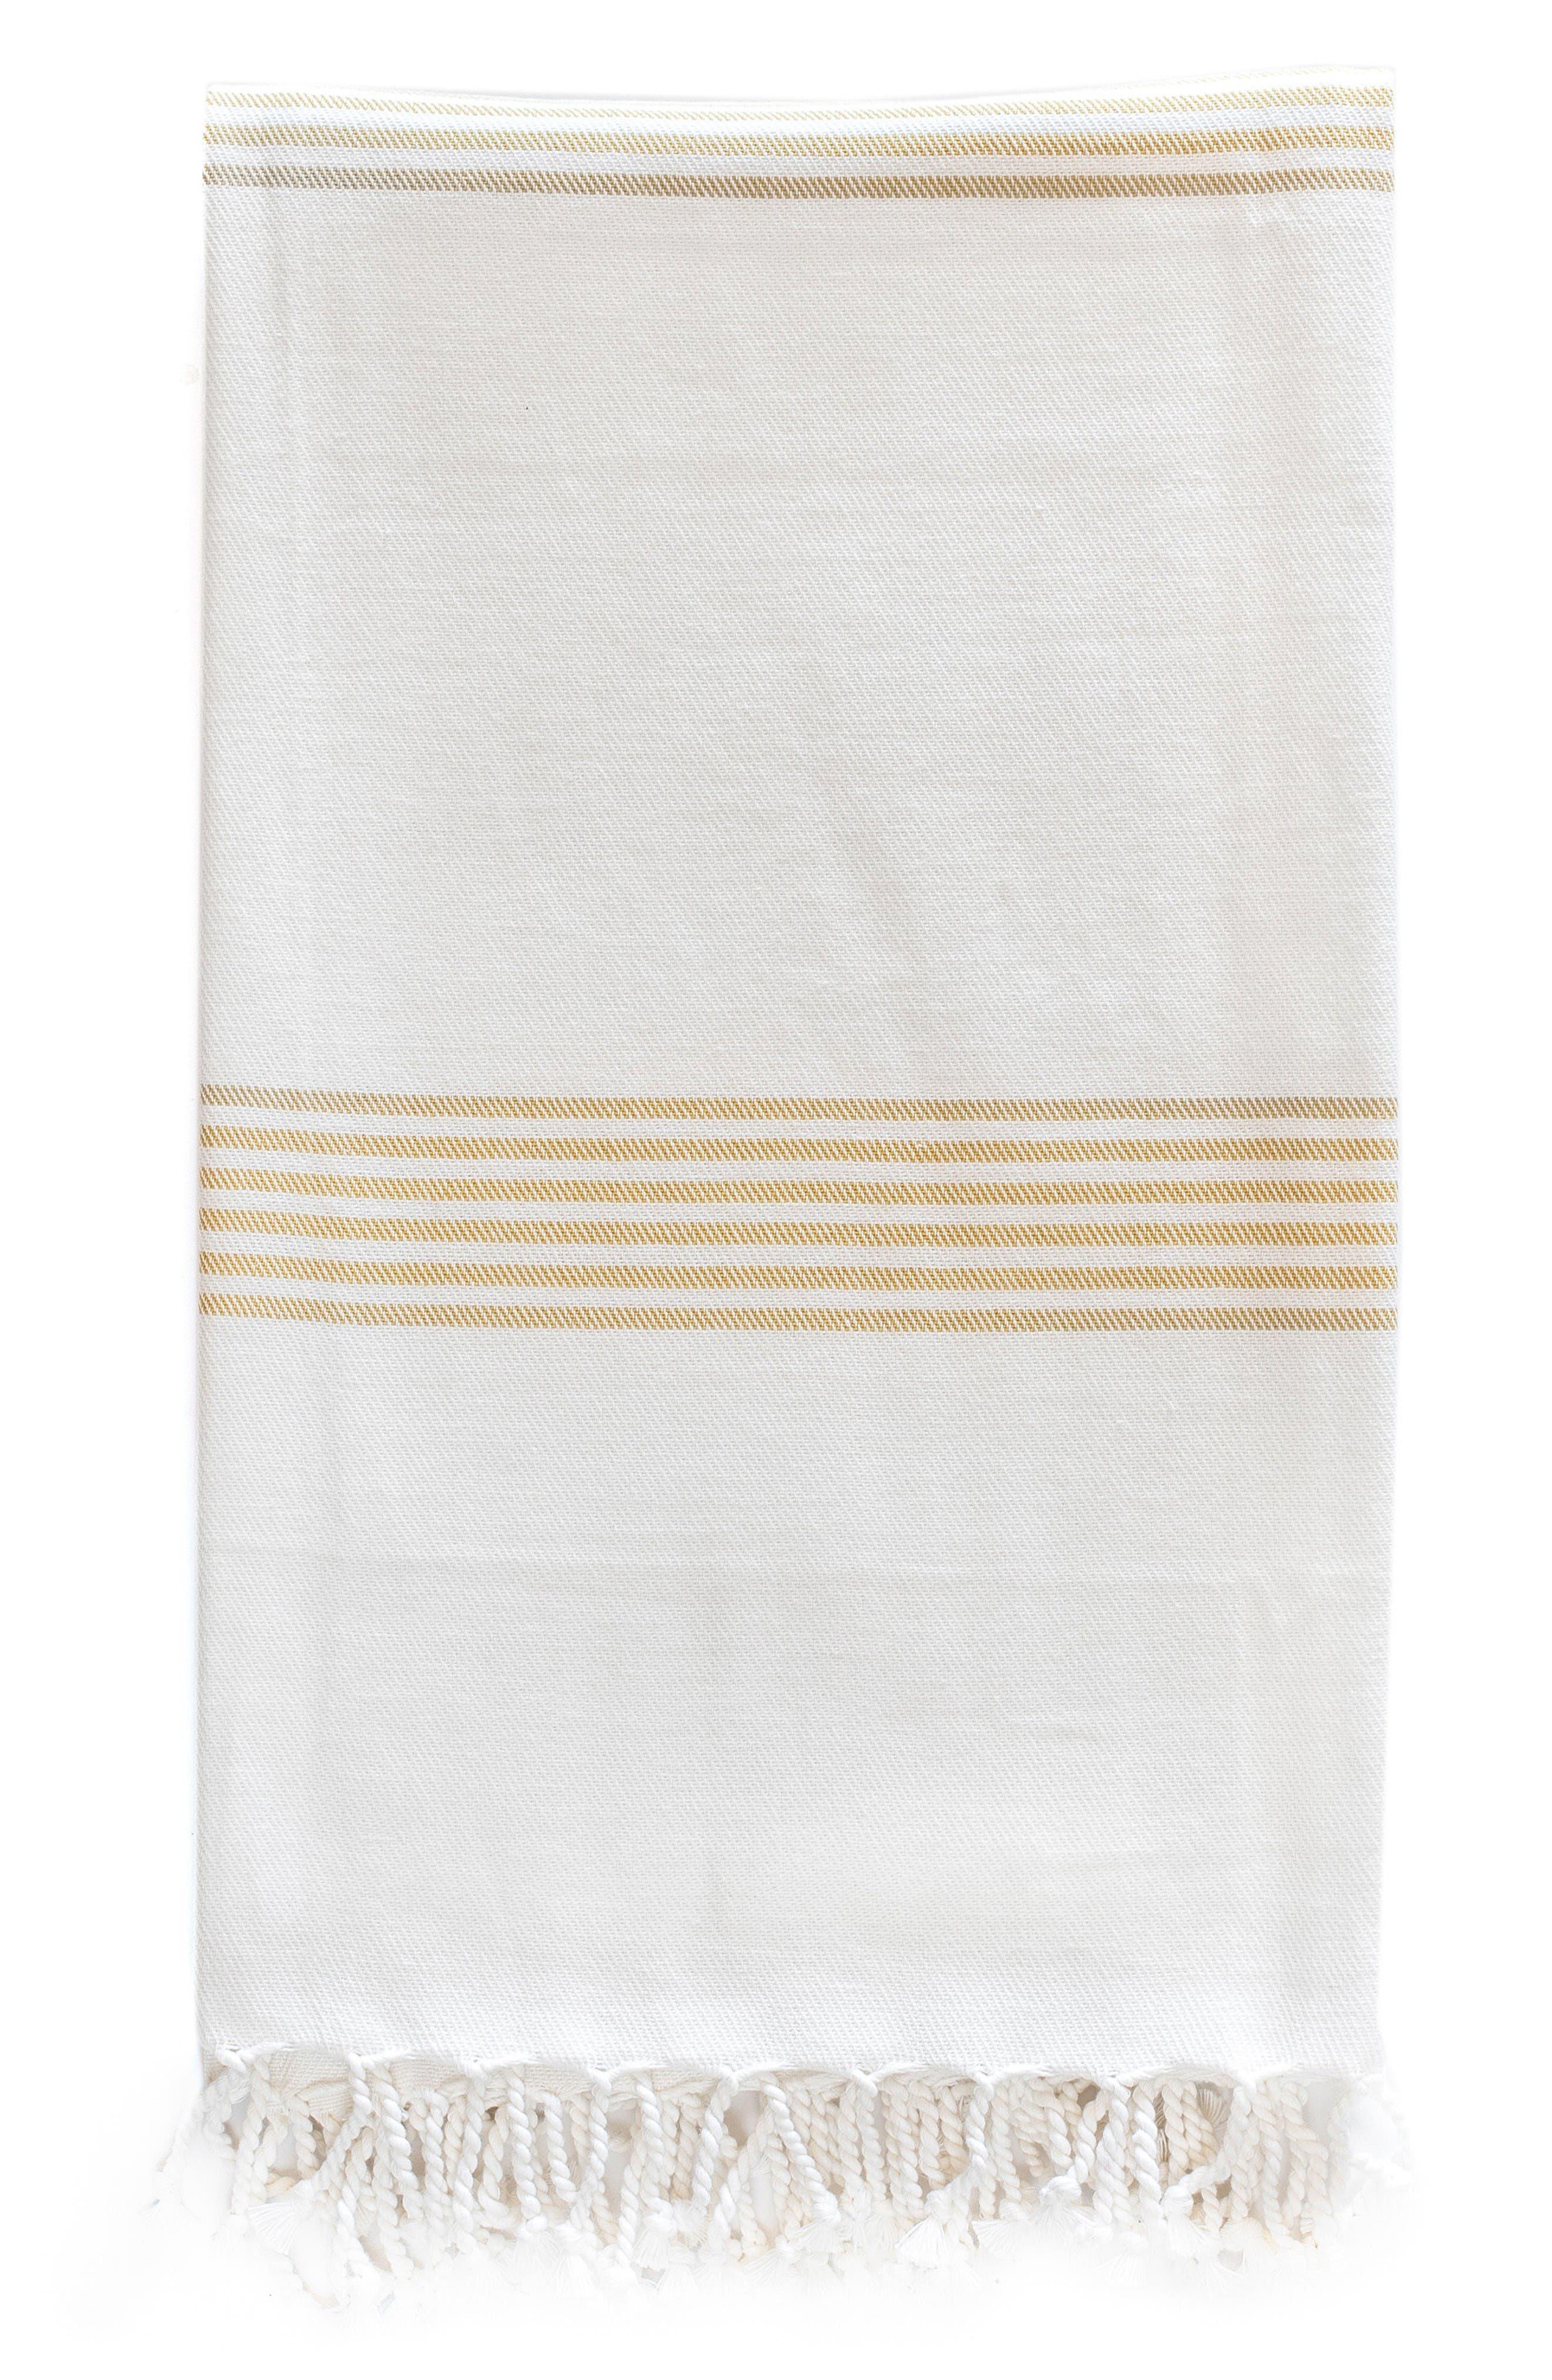 zestt Hudson Throw Blanket